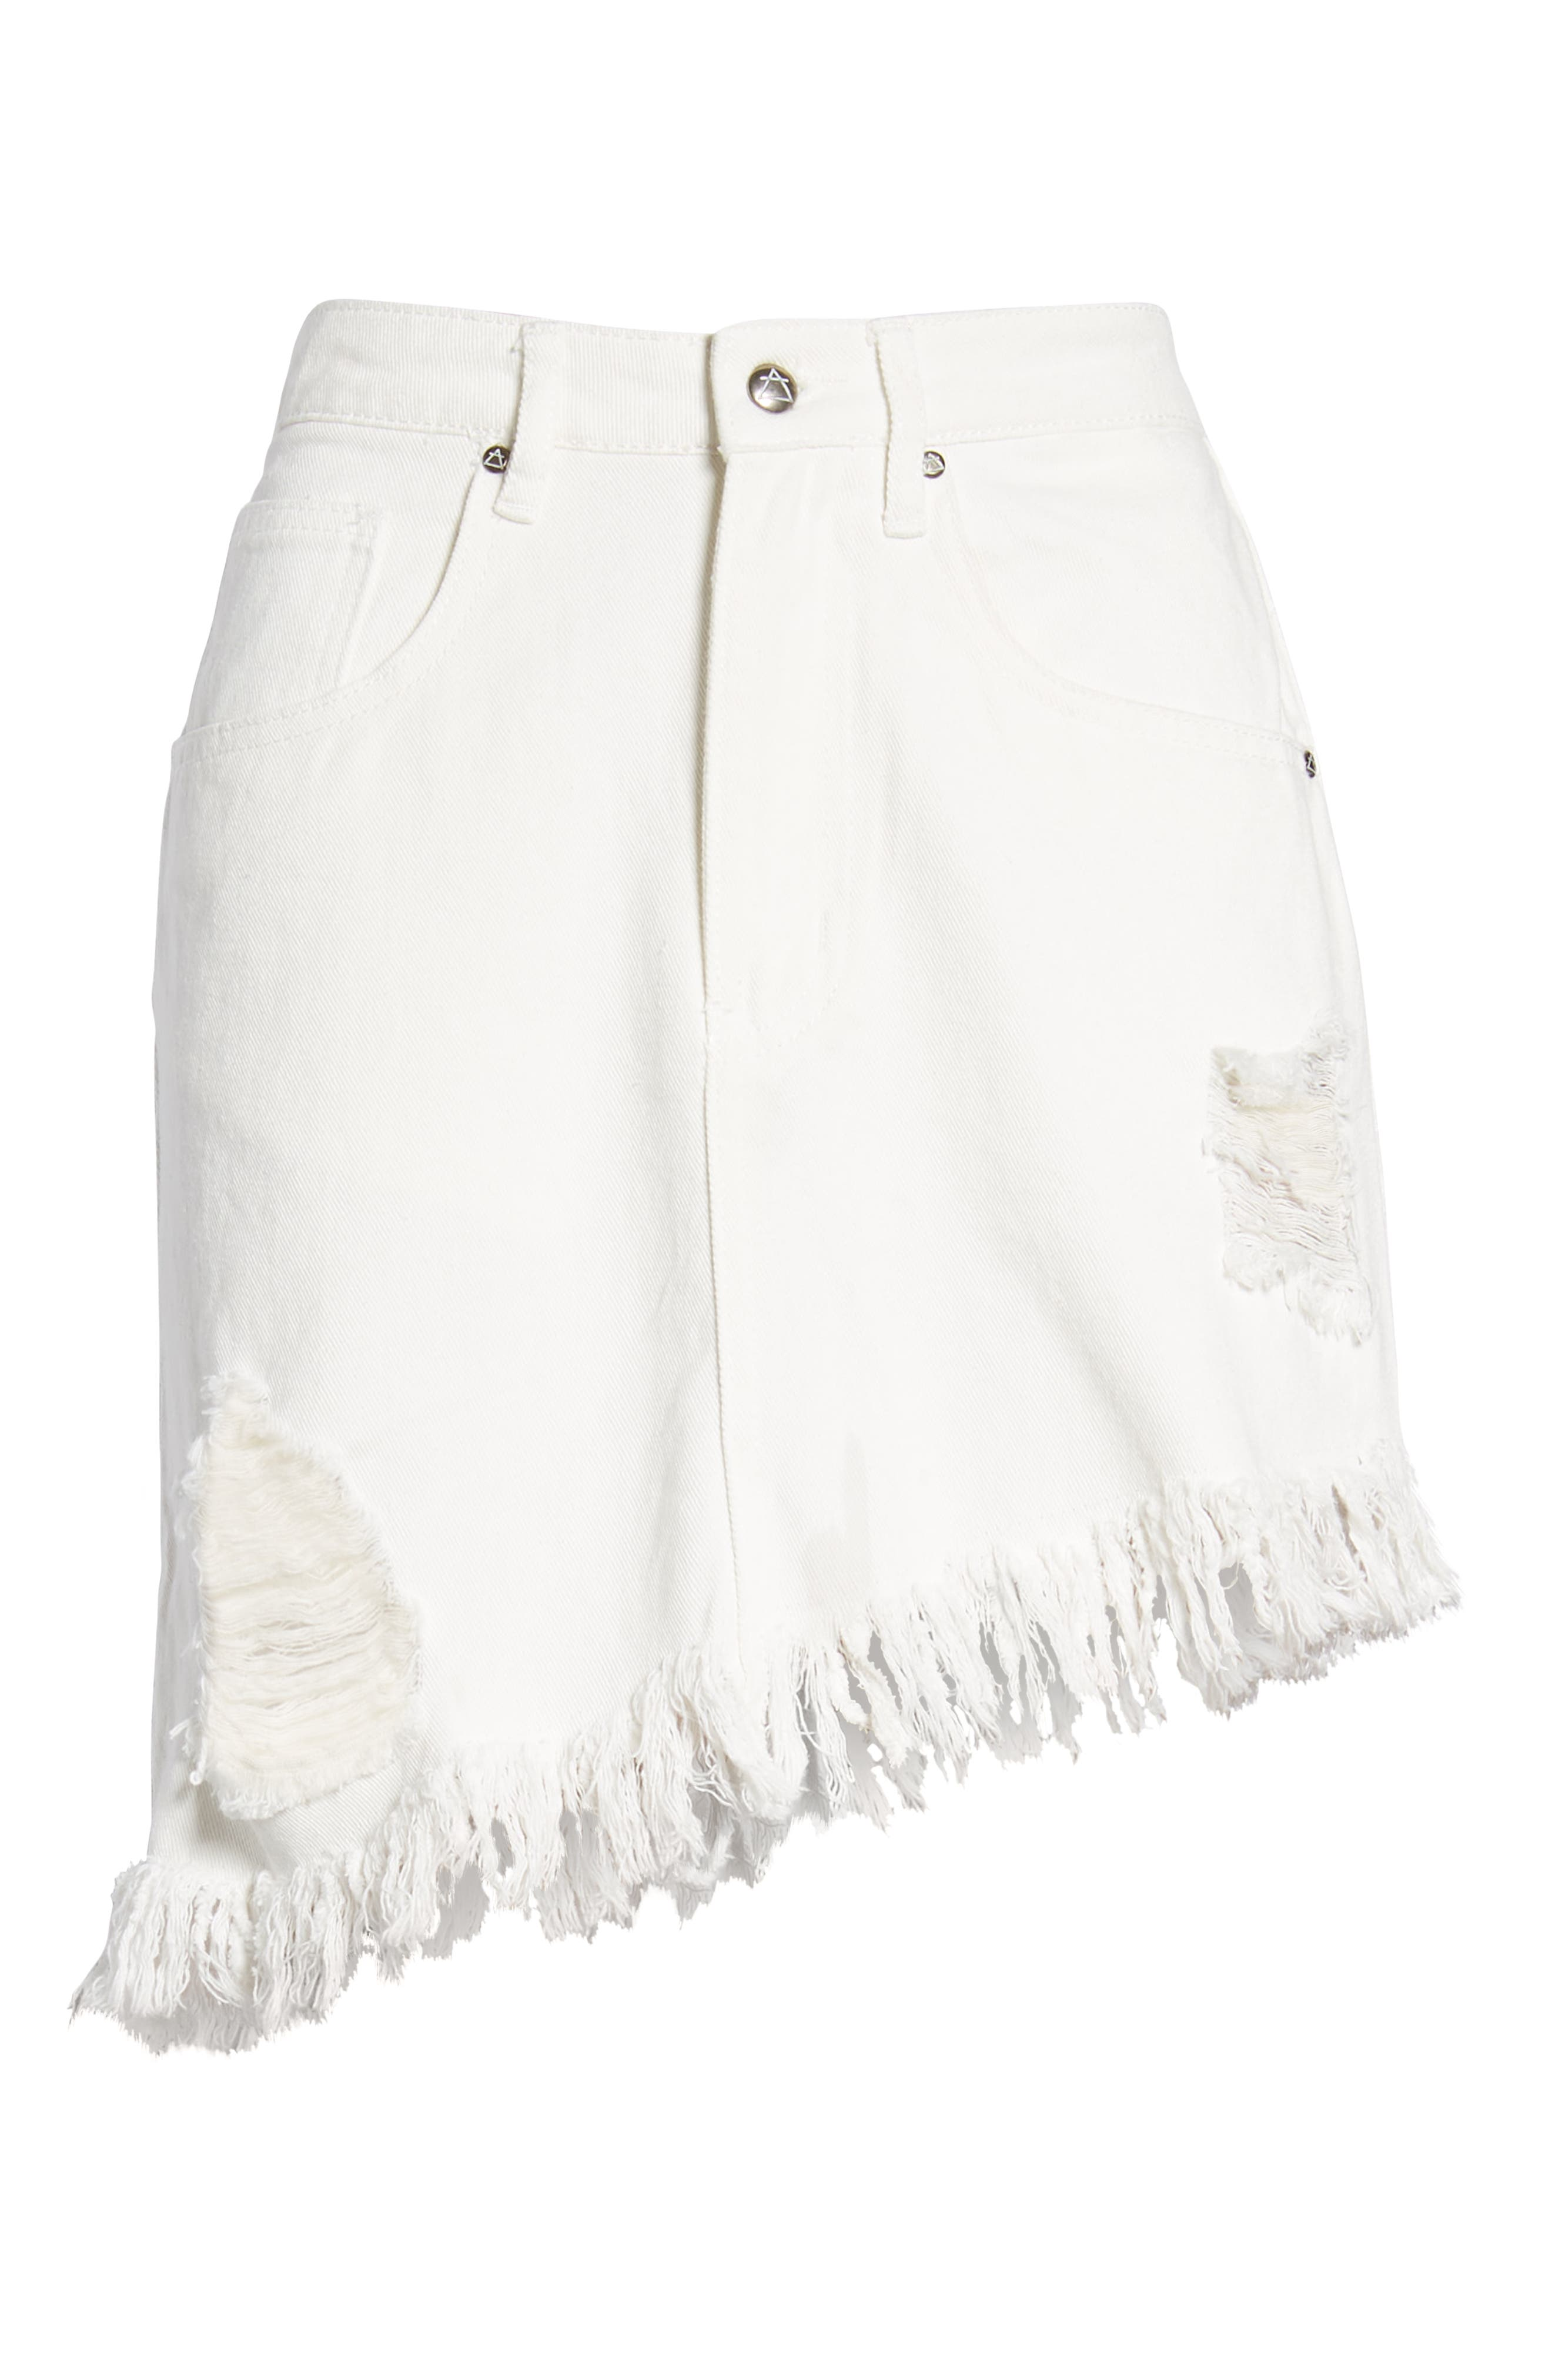 Shimmering Bays Ripped Denim Skirt,                             Alternate thumbnail 7, color,                             White